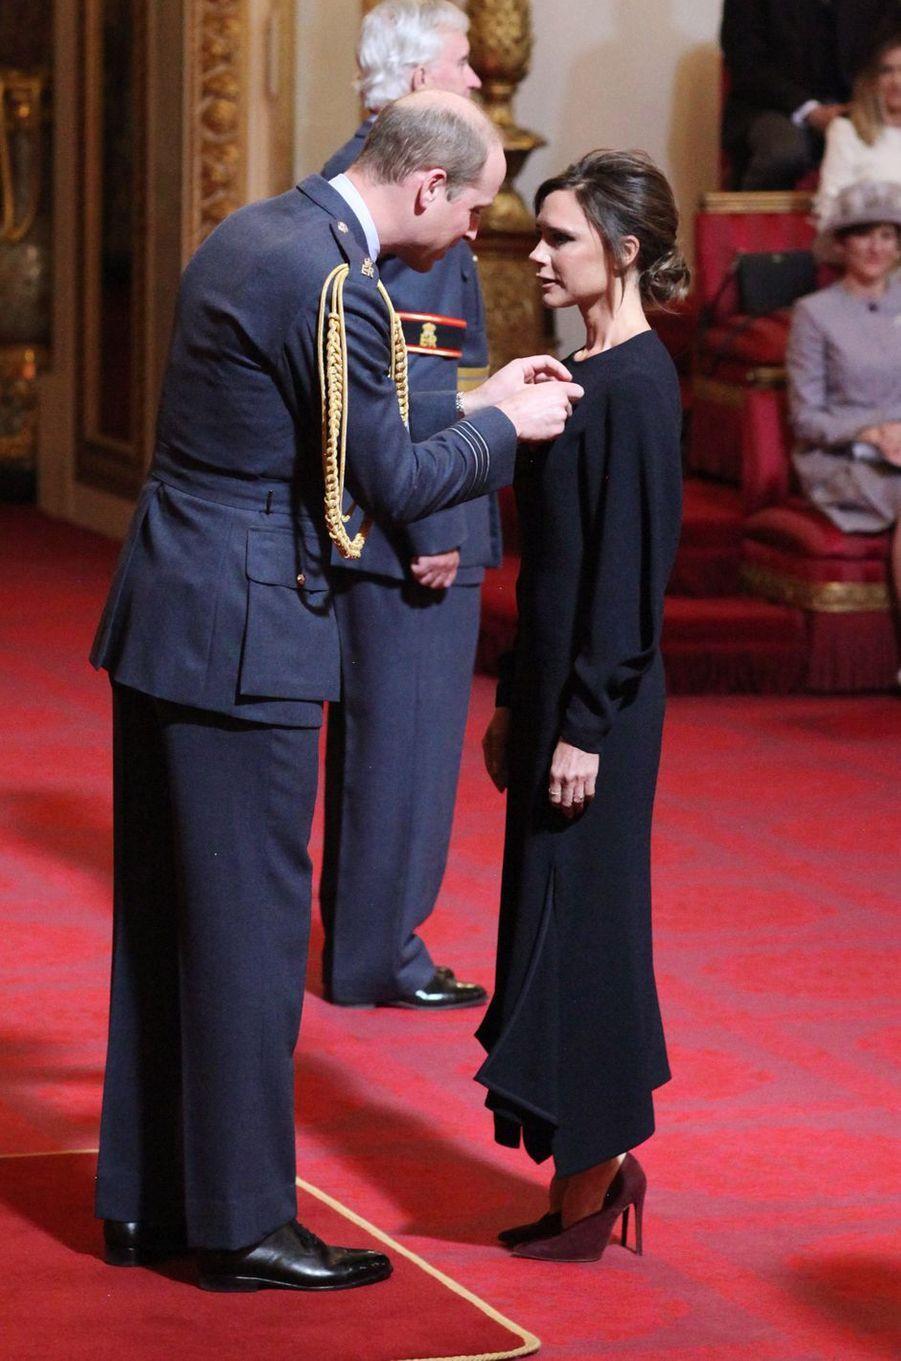 Le prince William fait Victoria Beckham officier de l'ordre de l'Empire britannique à Londres, le 19 avril 2017